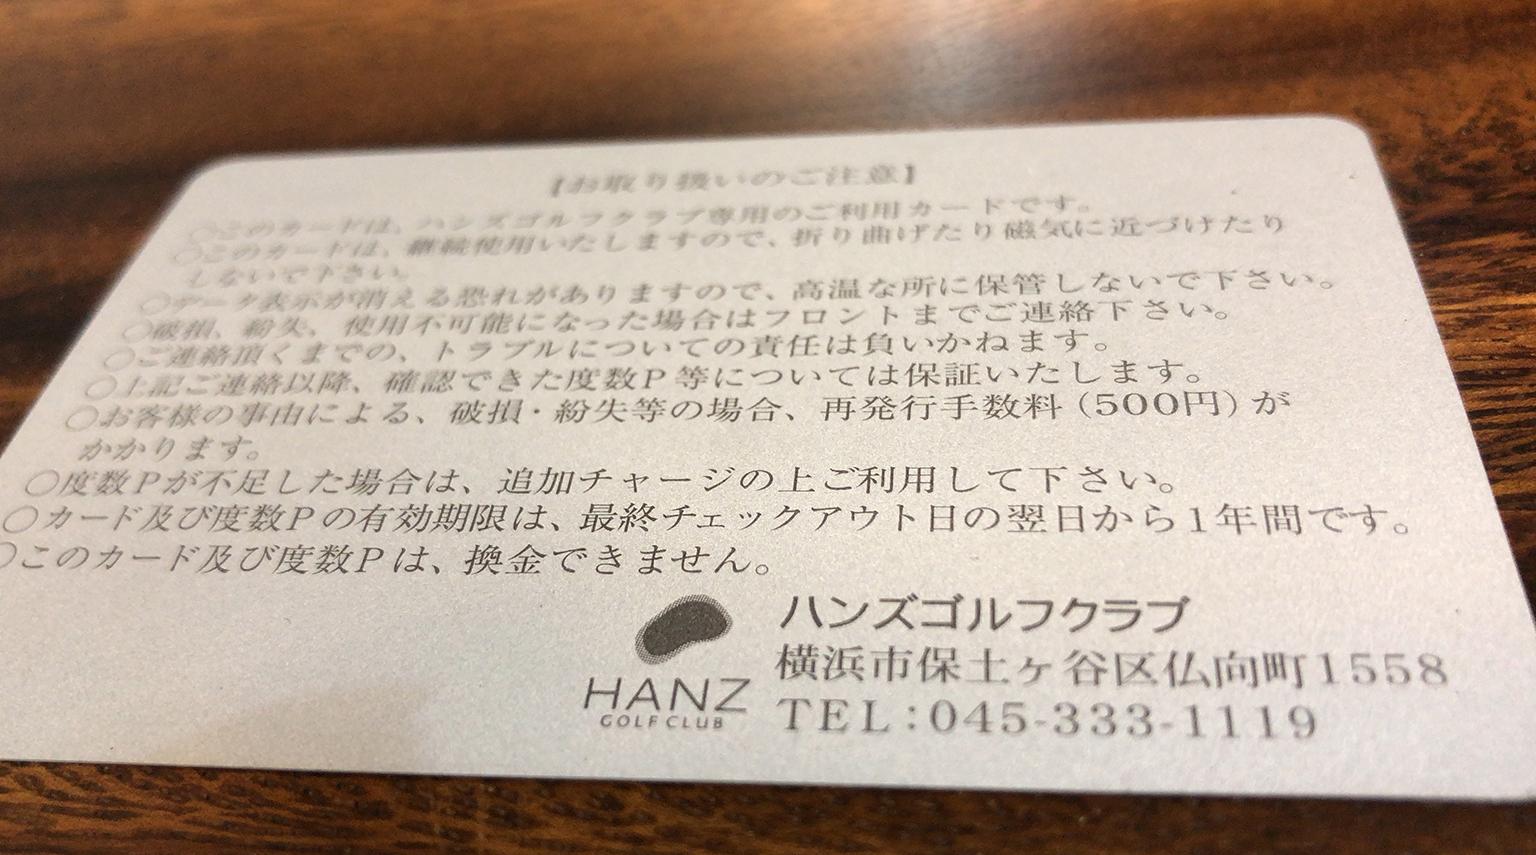 hanz02.jpg